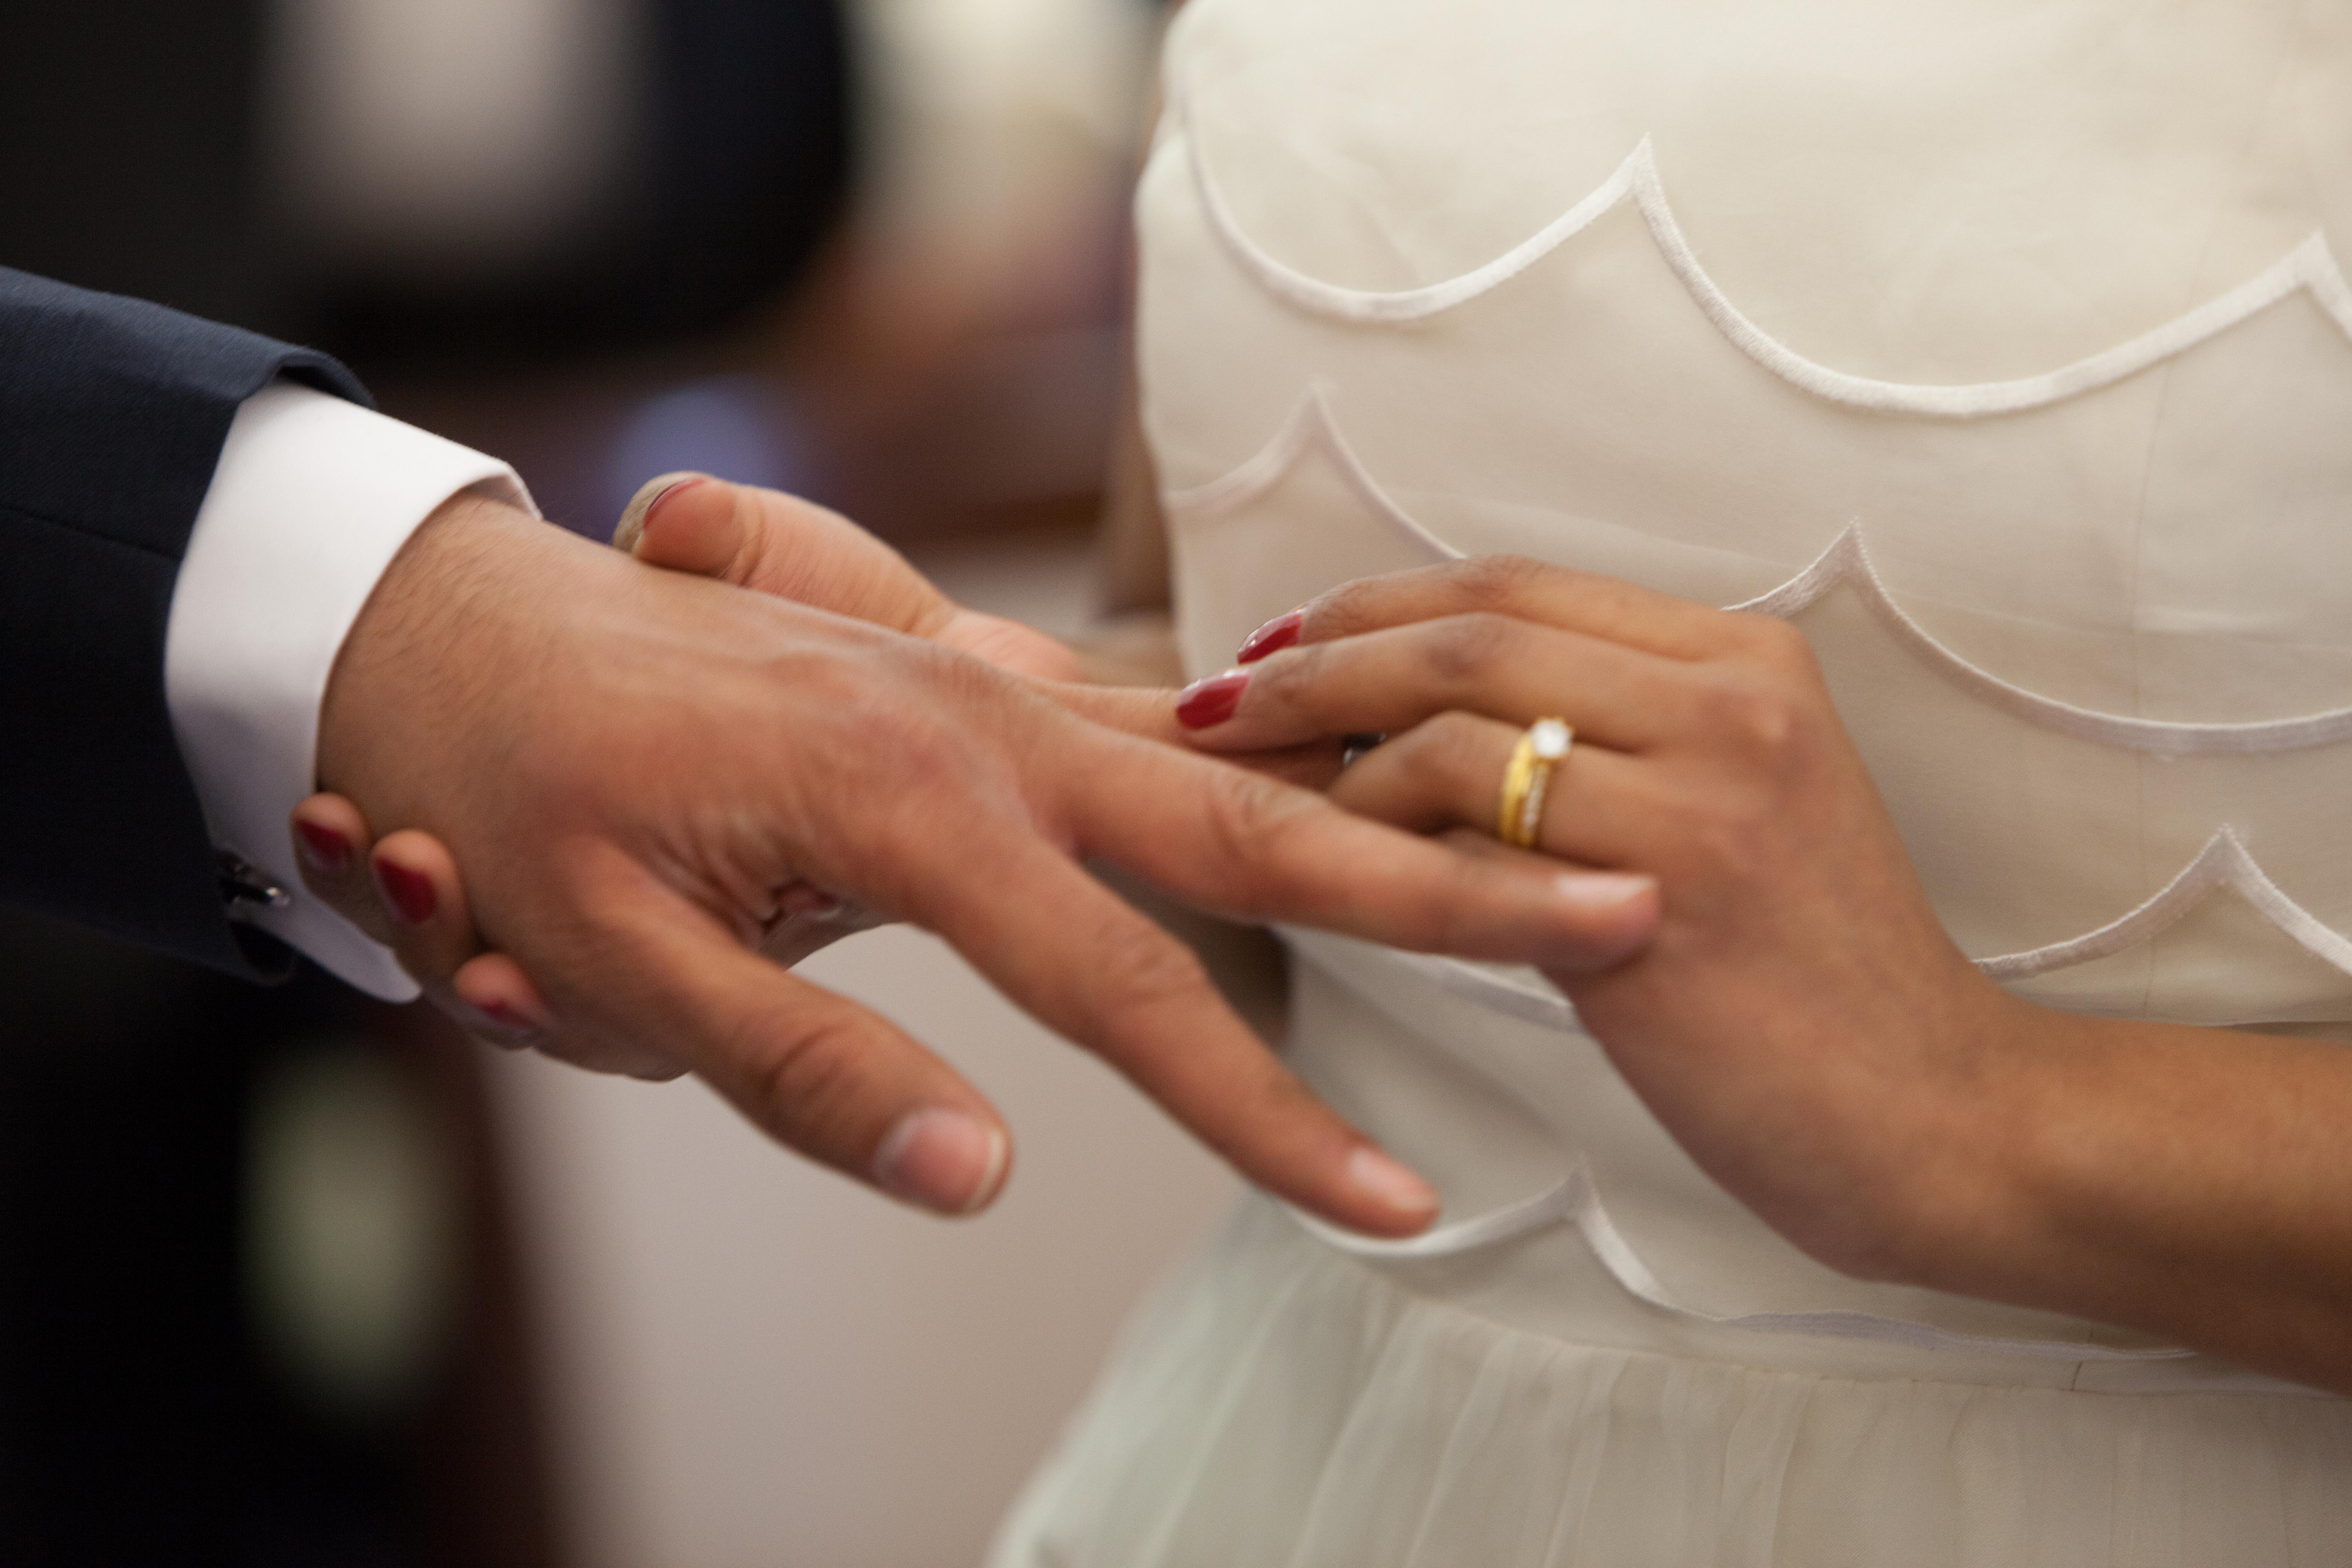 Matrimonio Catolico Misa : El matrimonio iglesia católica montevideo